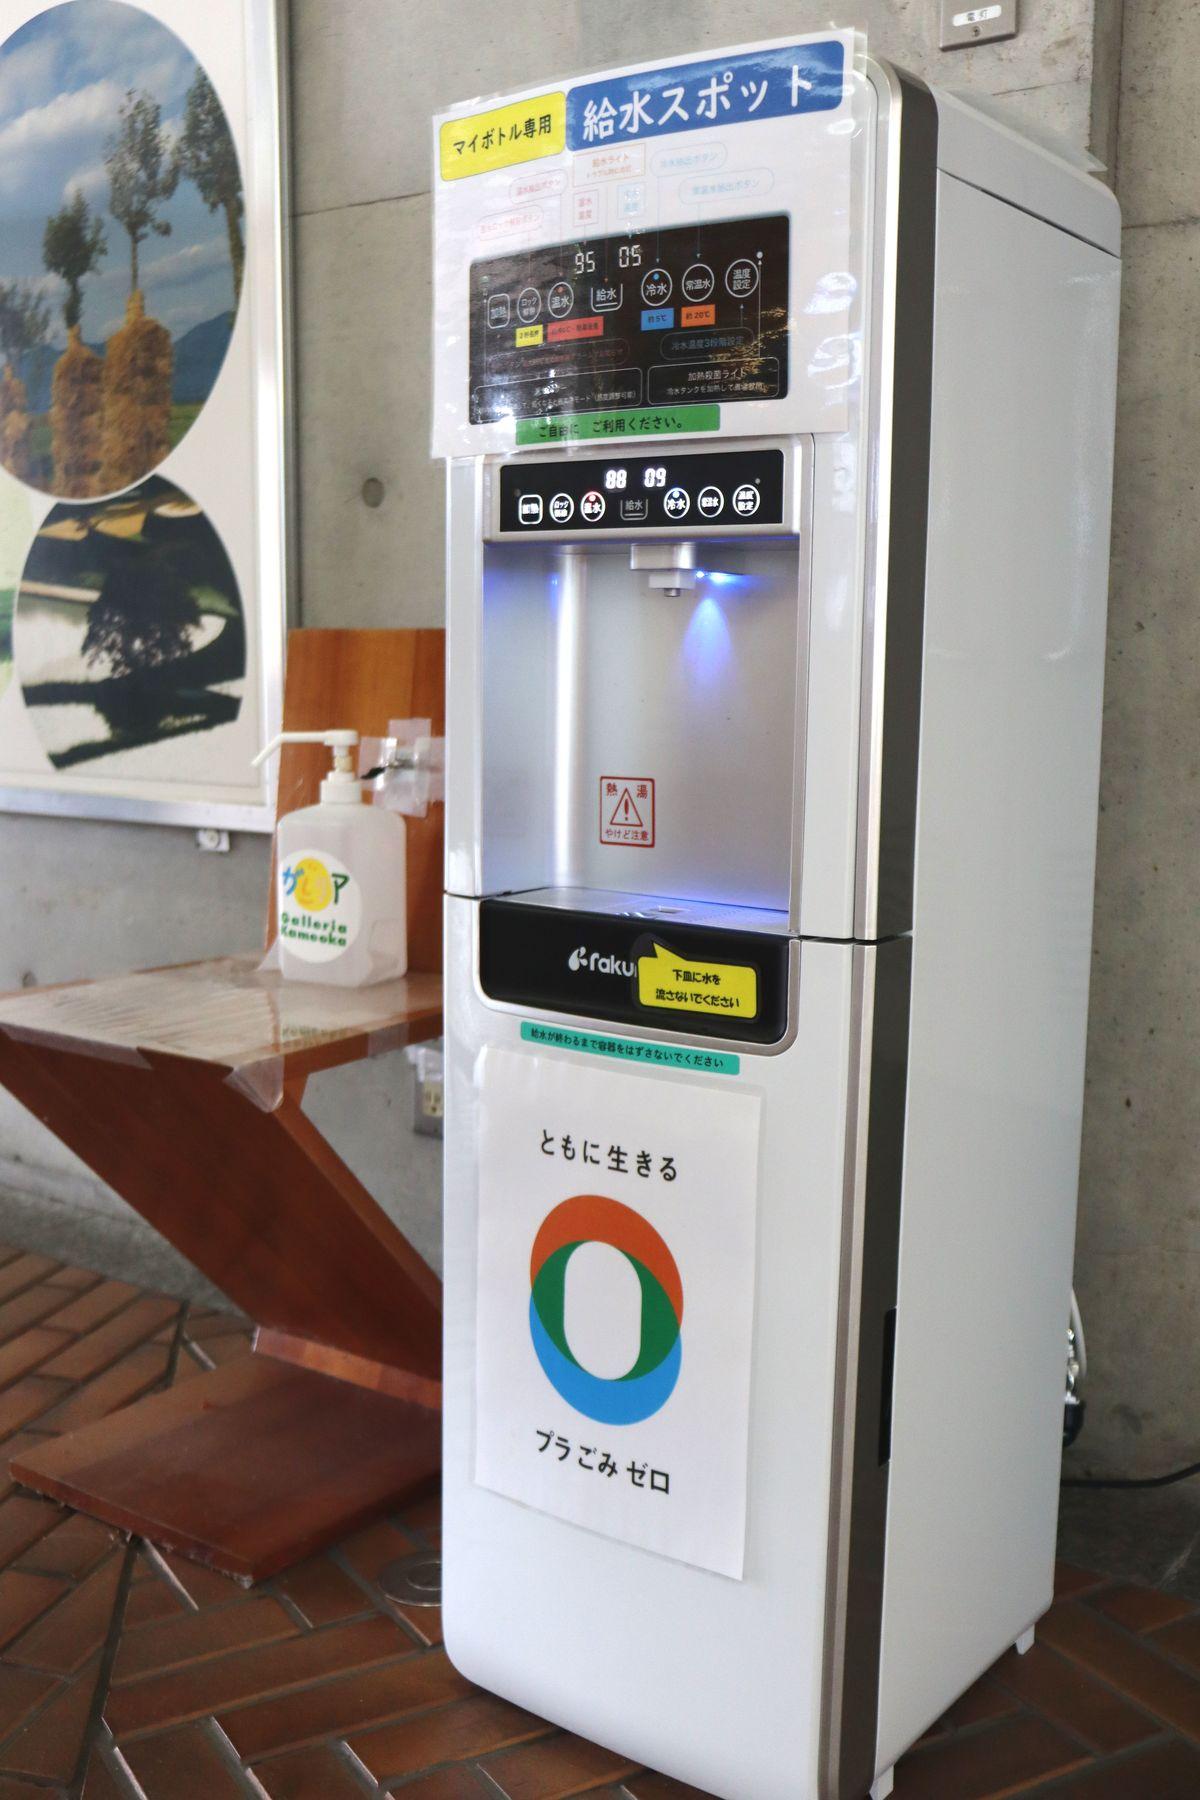 ウオーターサーバー、学校にいる? プラごみゼロの街、ペットボトル削減へ新事業 「既に水筒持参」「並んだらなくなる」疑問の声も 社会 地域のニュース 京都新聞